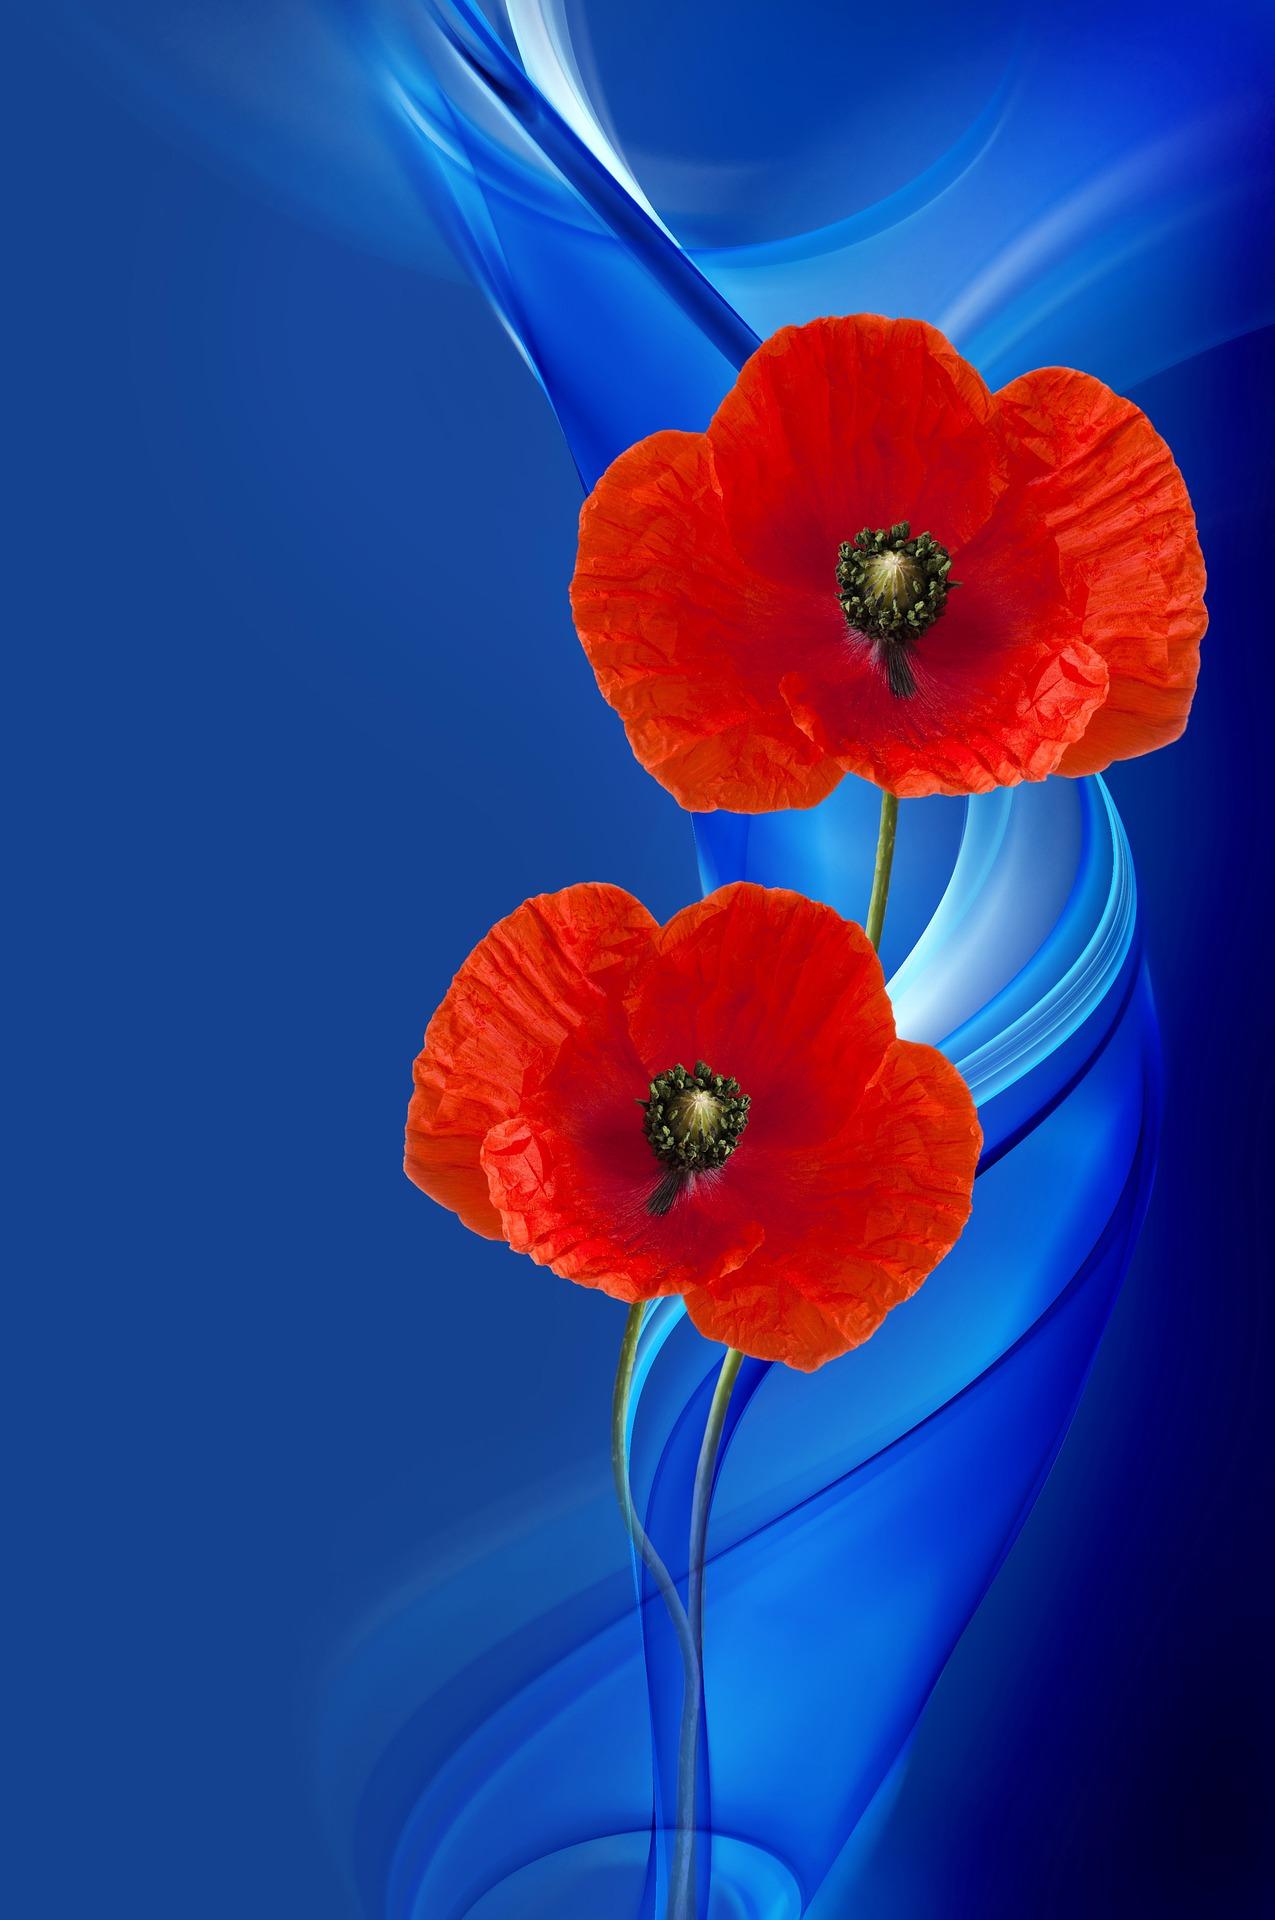 poppy-2920313_1920.jpg